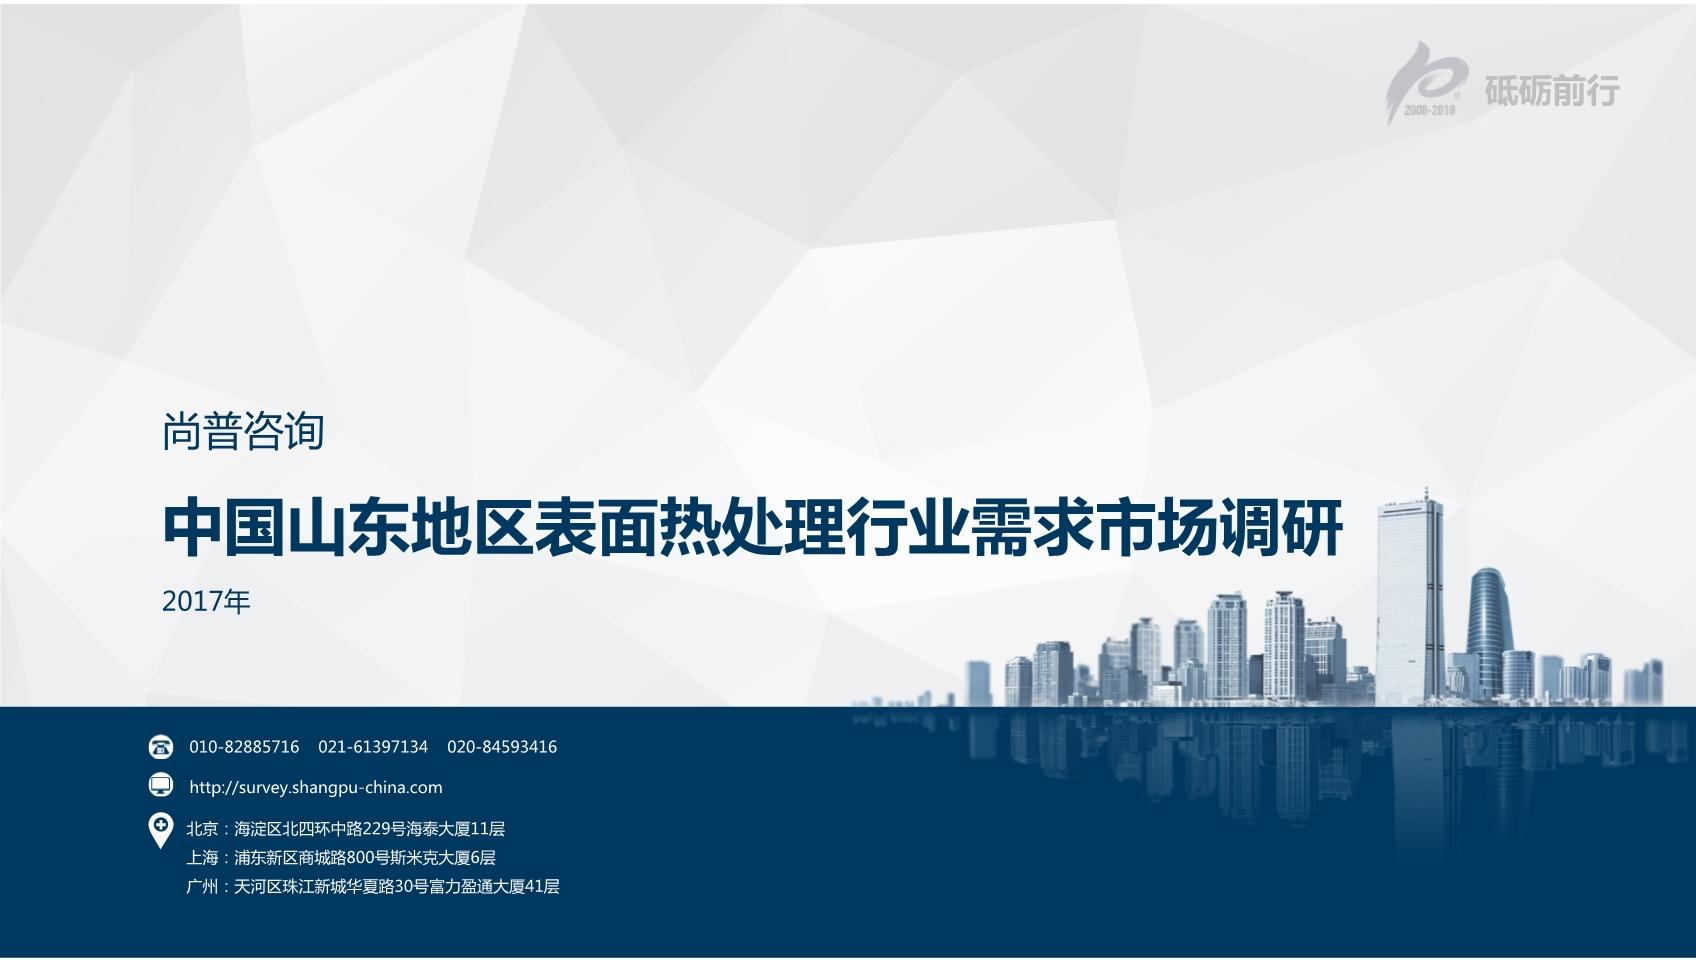 尚普咨询-中国山东地区表面热处理行业需求市场调研